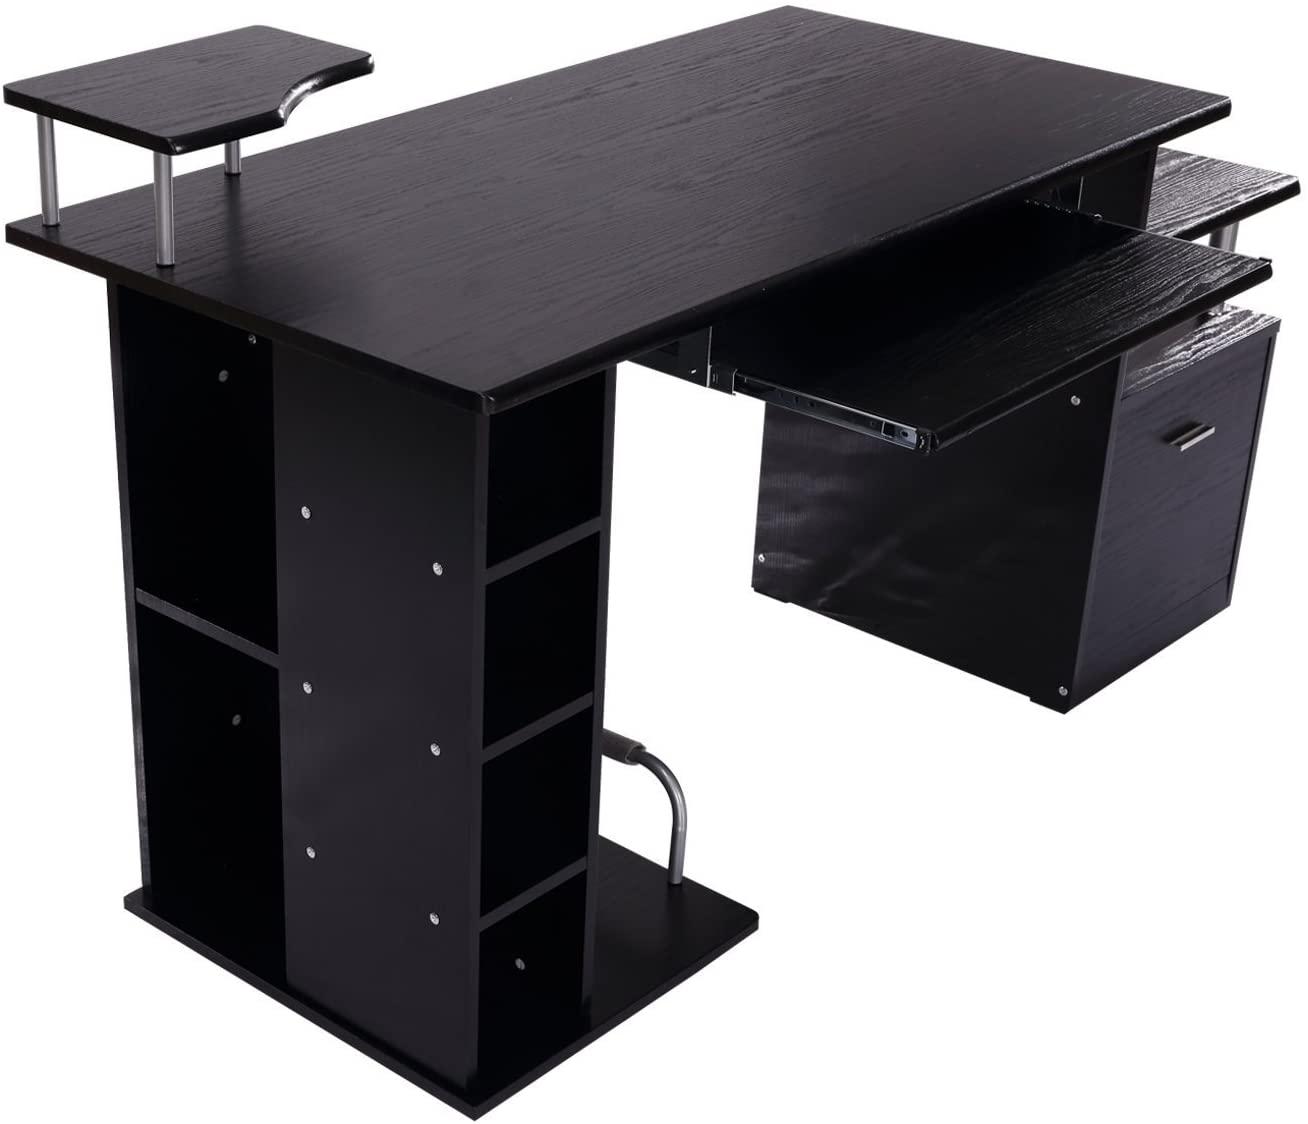 Črna pisalna miza modernega dizajna nizka cena